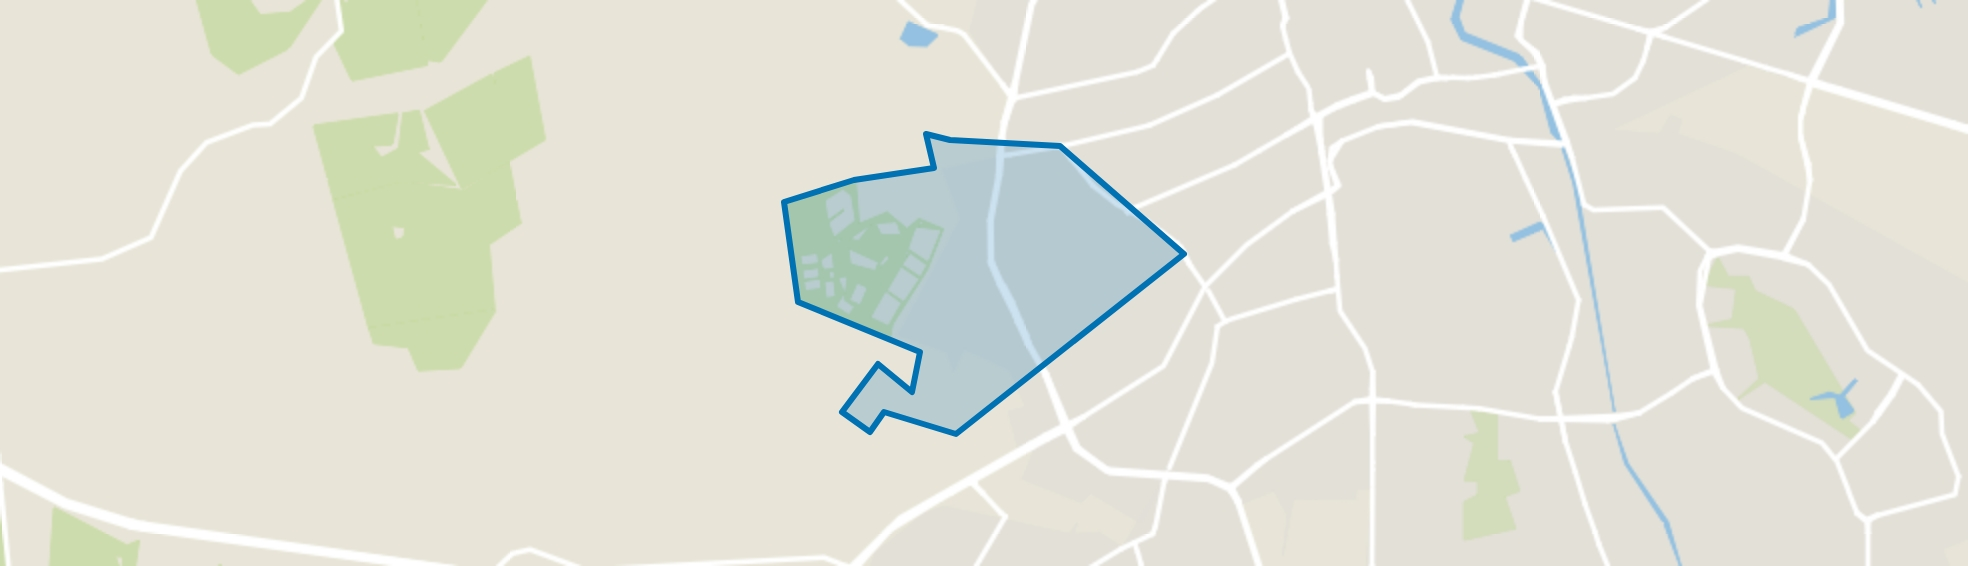 Orden, Apeldoorn map